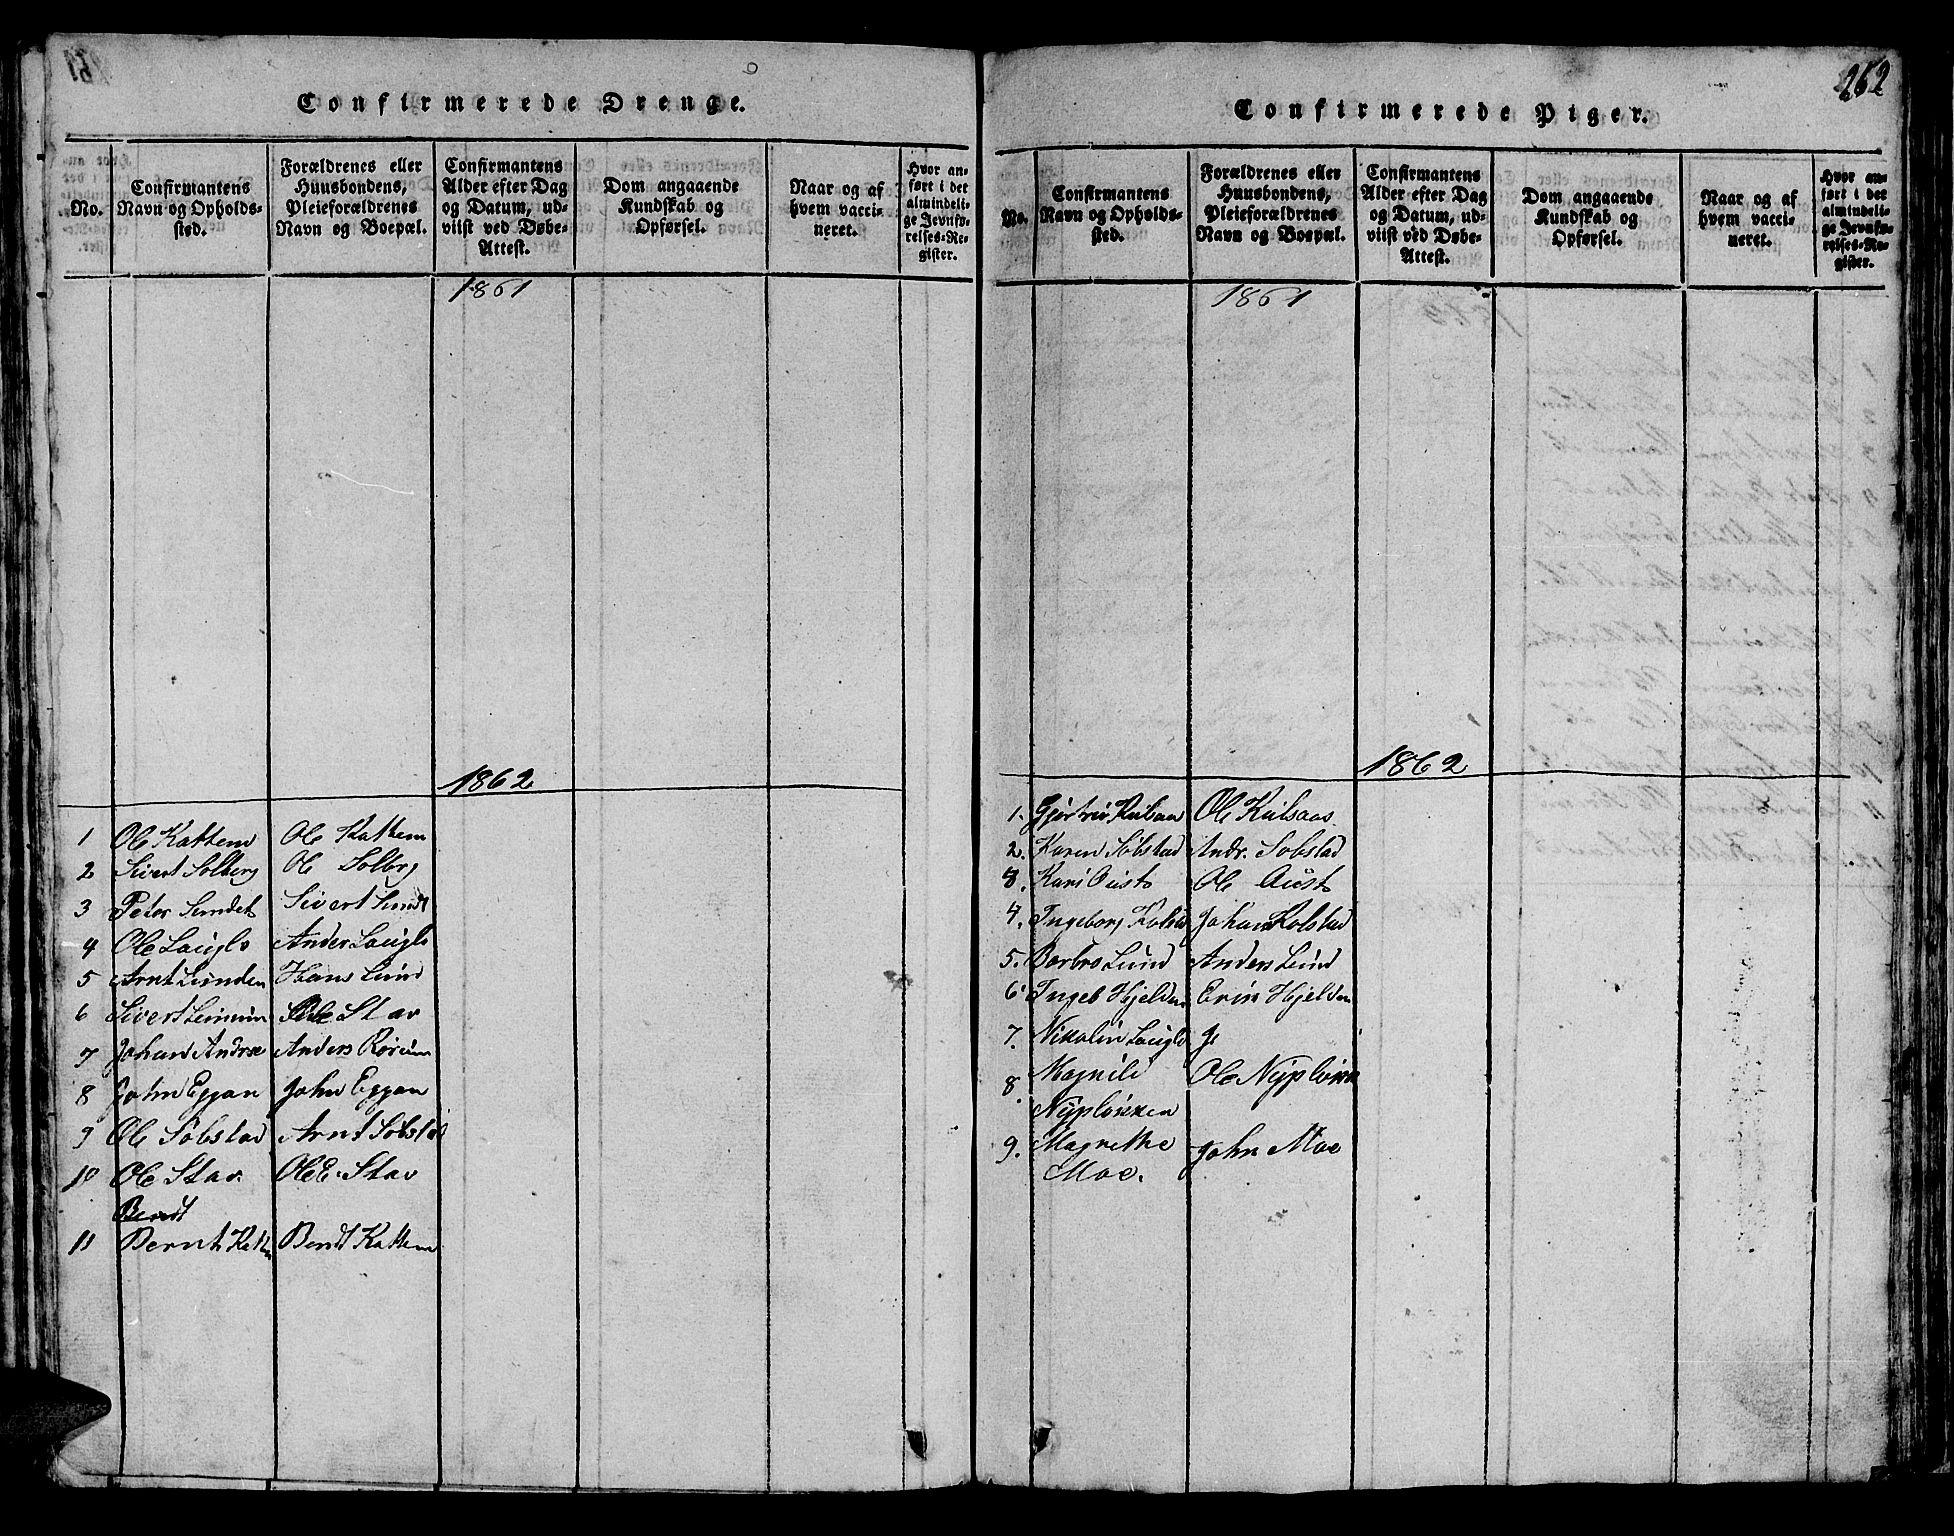 SAT, Ministerialprotokoller, klokkerbøker og fødselsregistre - Sør-Trøndelag, 613/L0393: Klokkerbok nr. 613C01, 1816-1886, s. 262